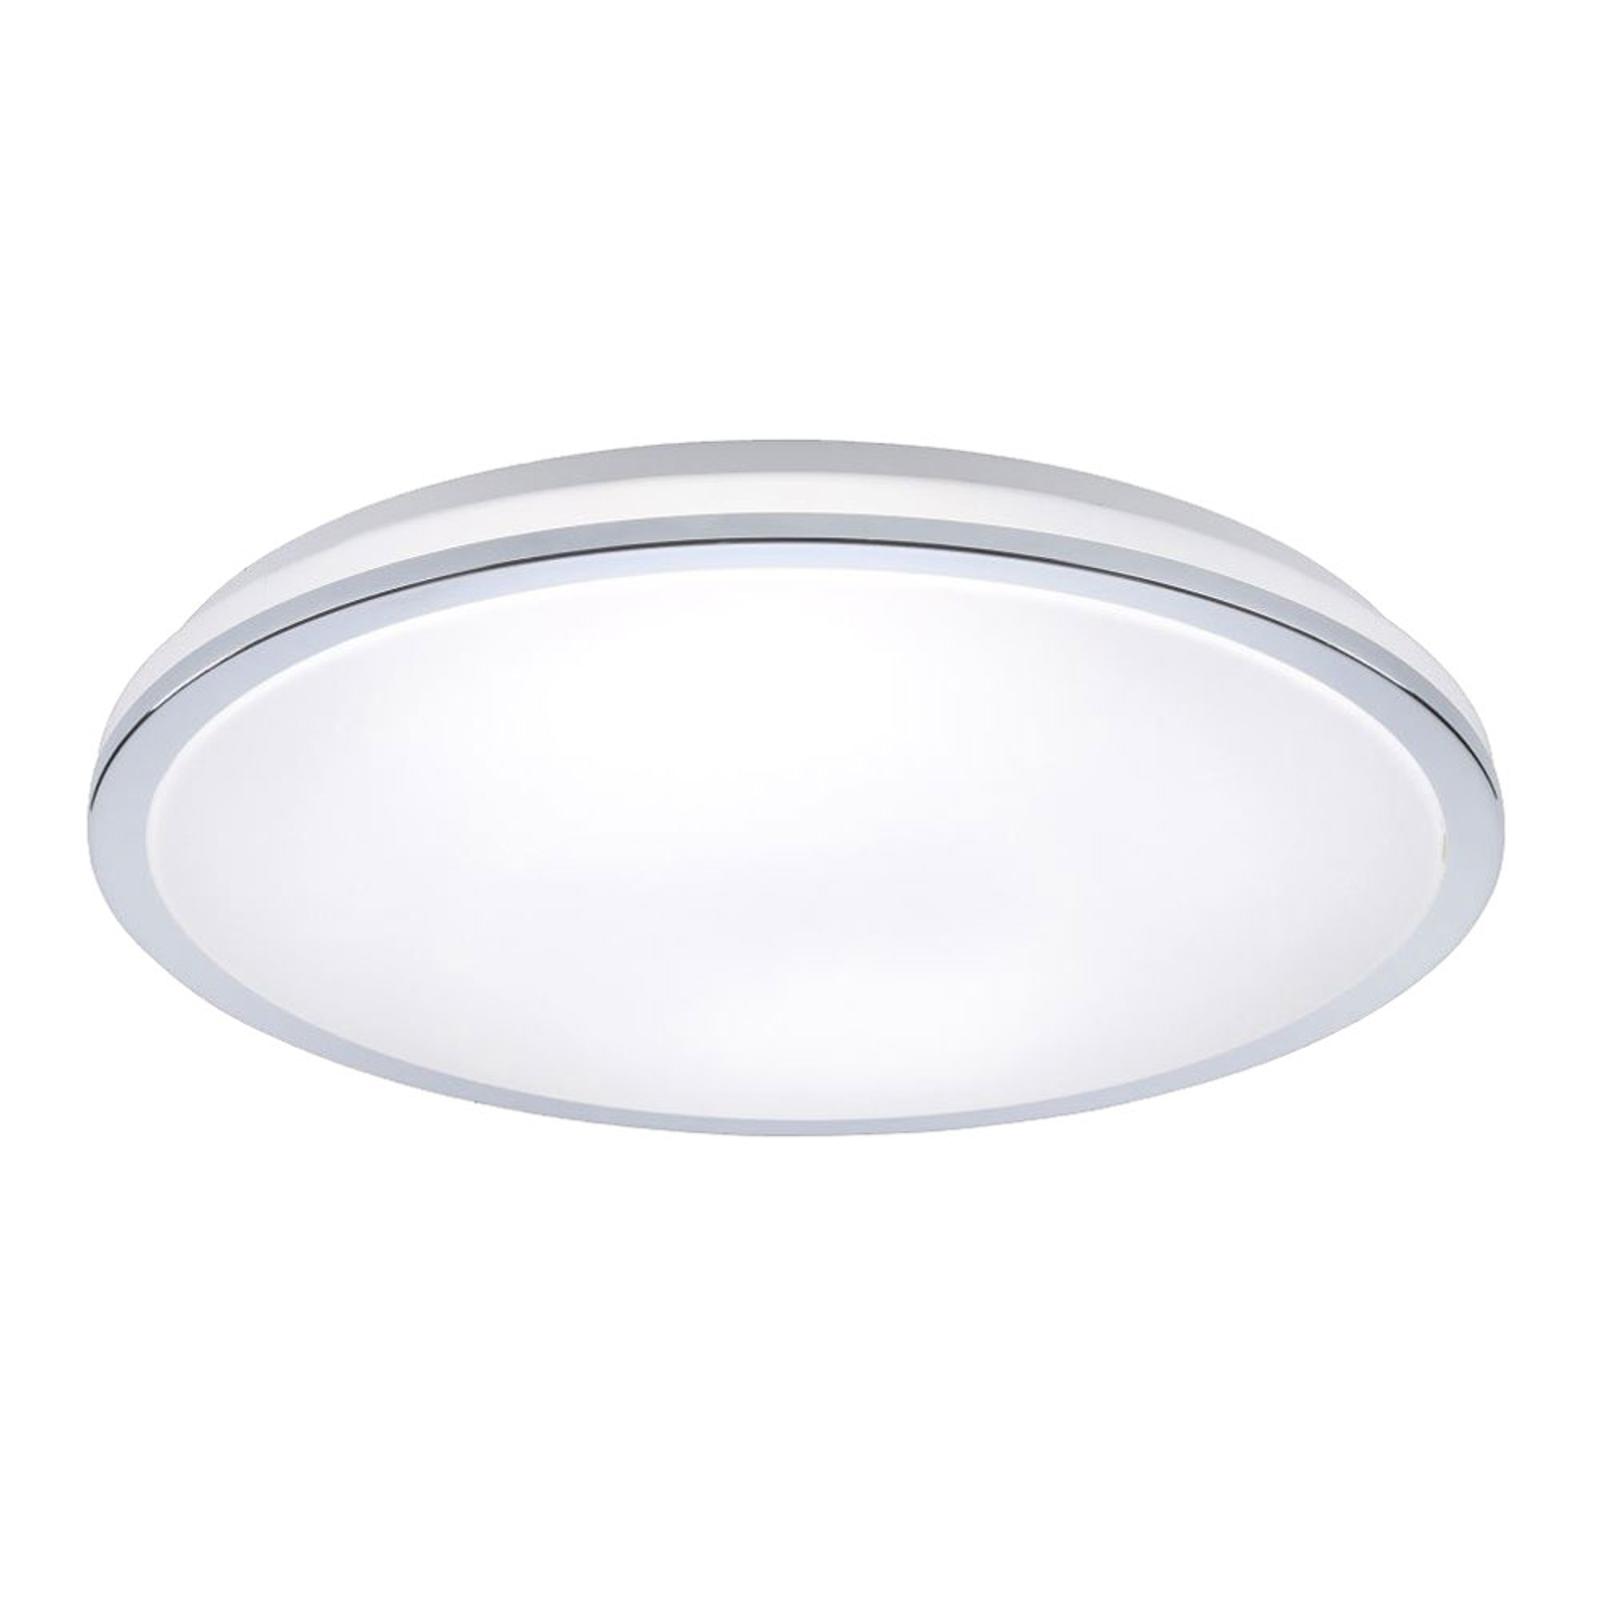 LED-taklampe Isabell med bevegelsessensor